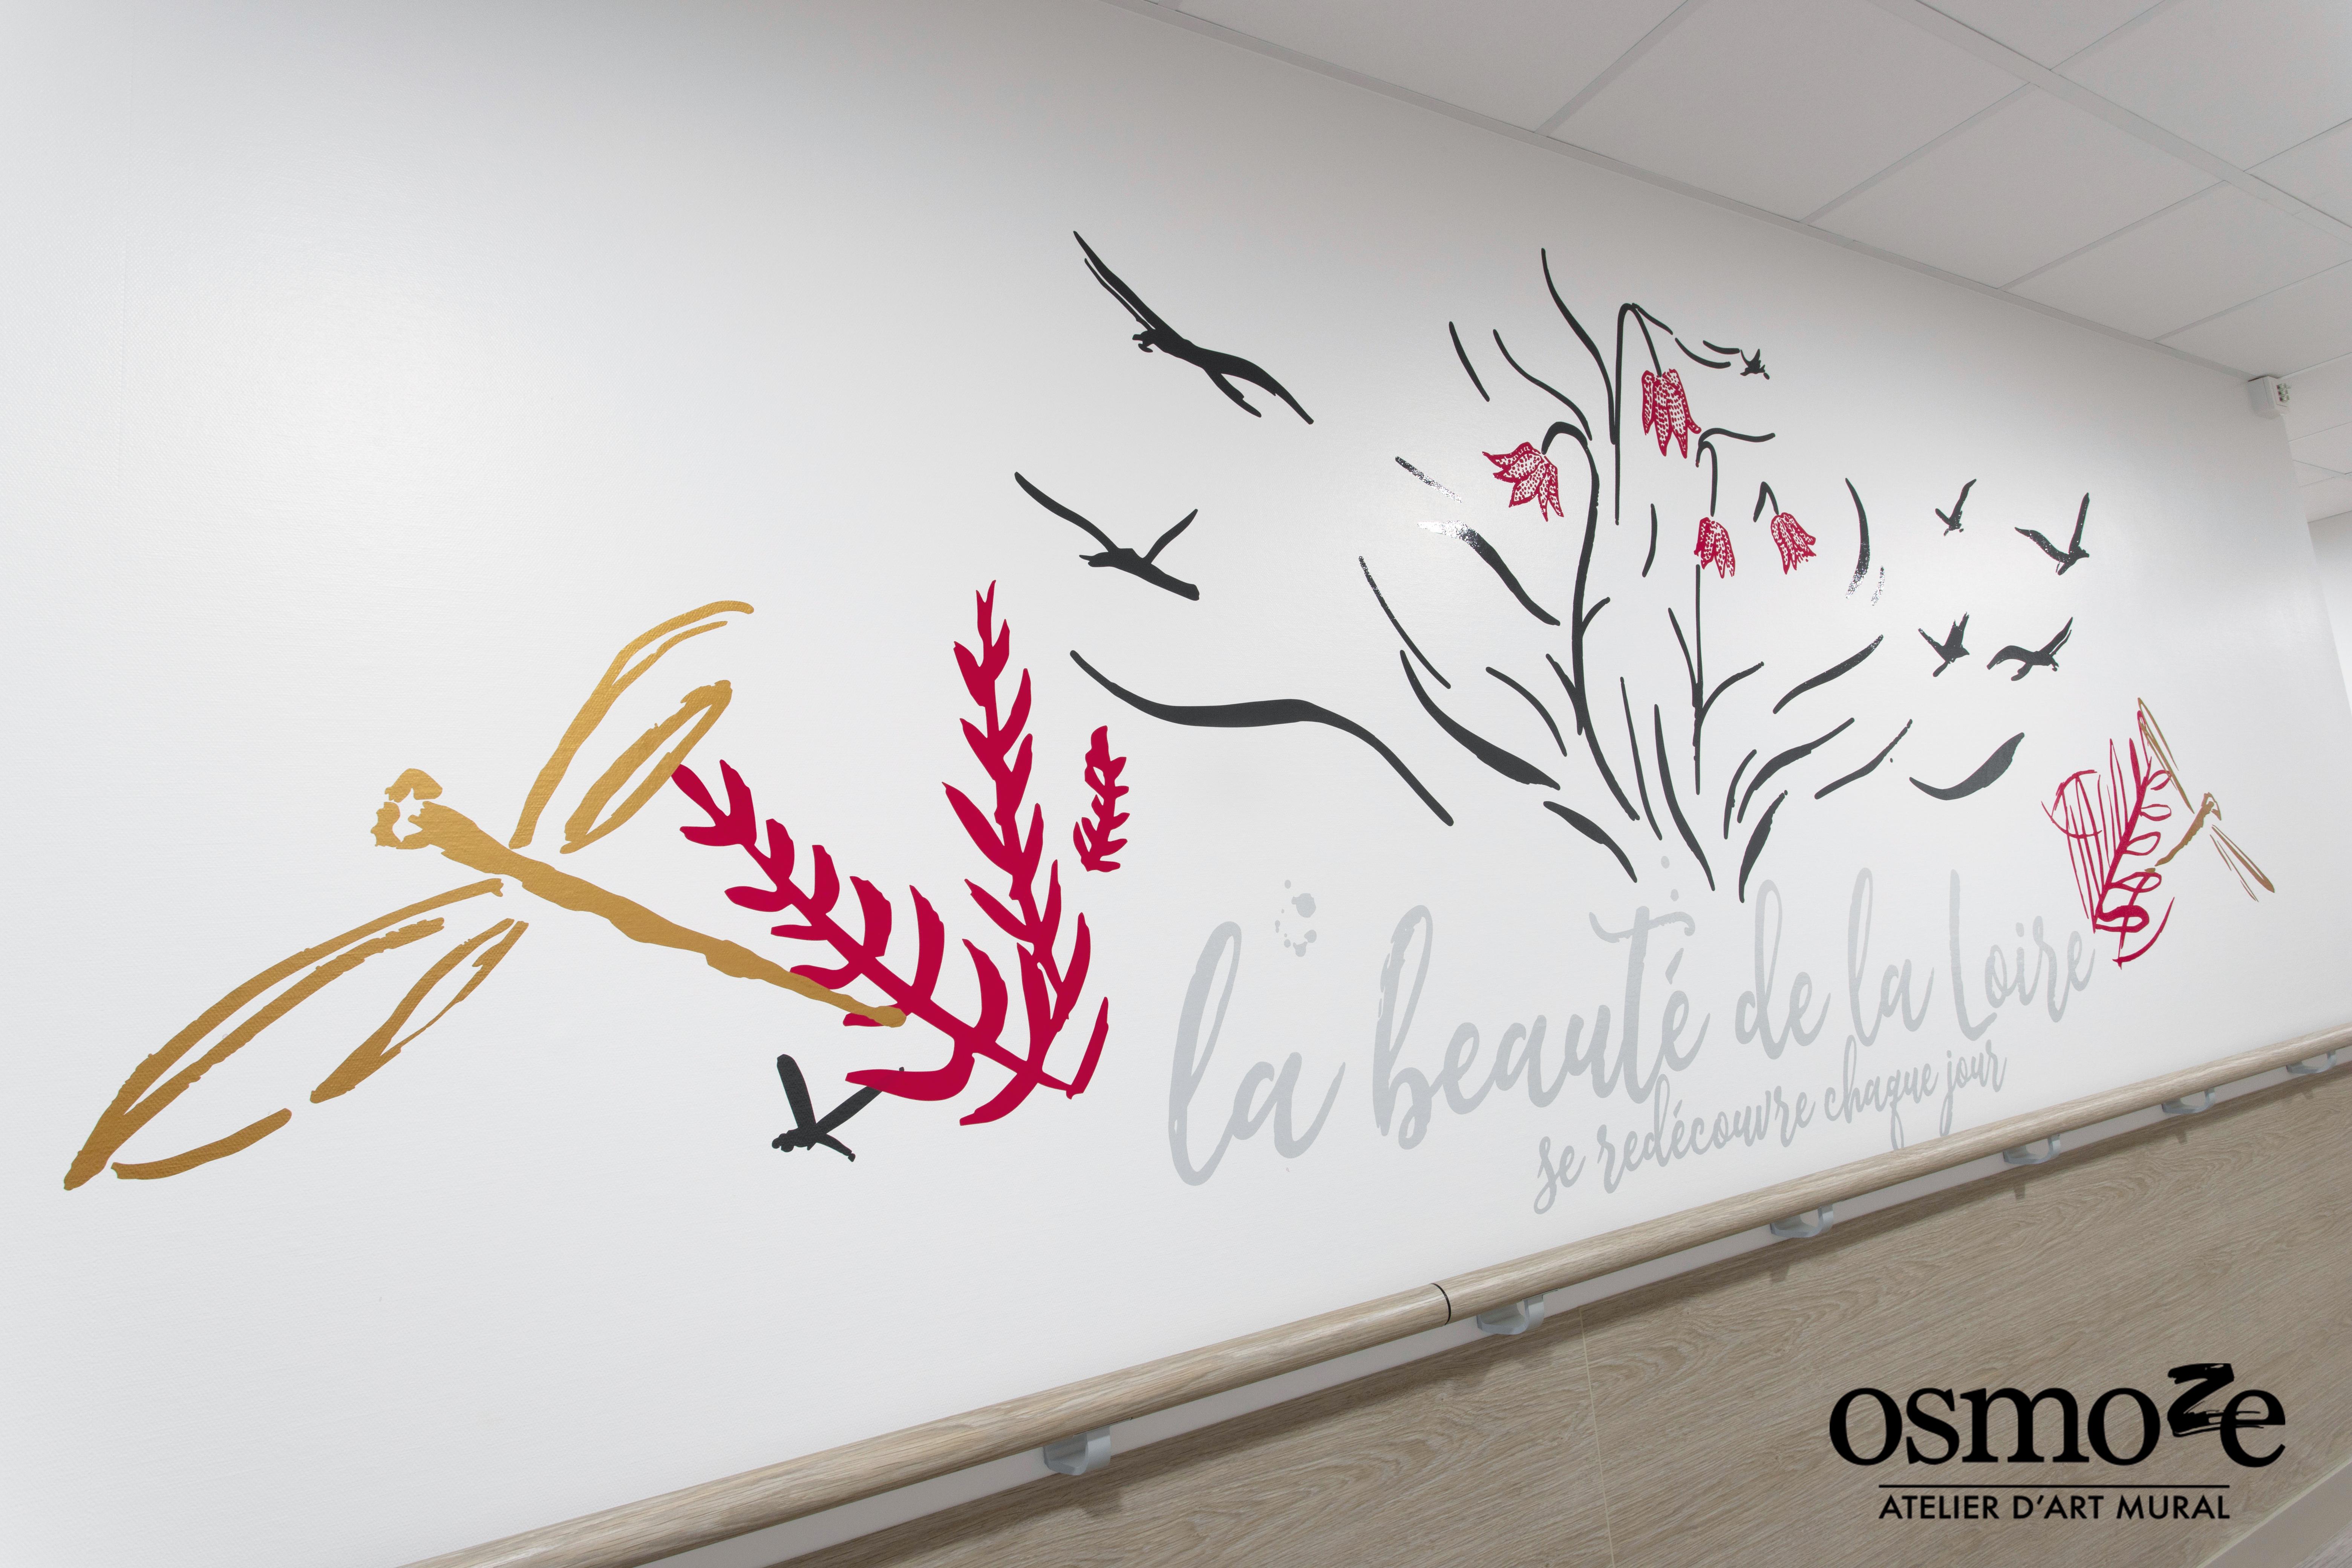 Décoration murale et signalétique > Osmoze > Fresque design > La Possonière > EHPAD > Angers